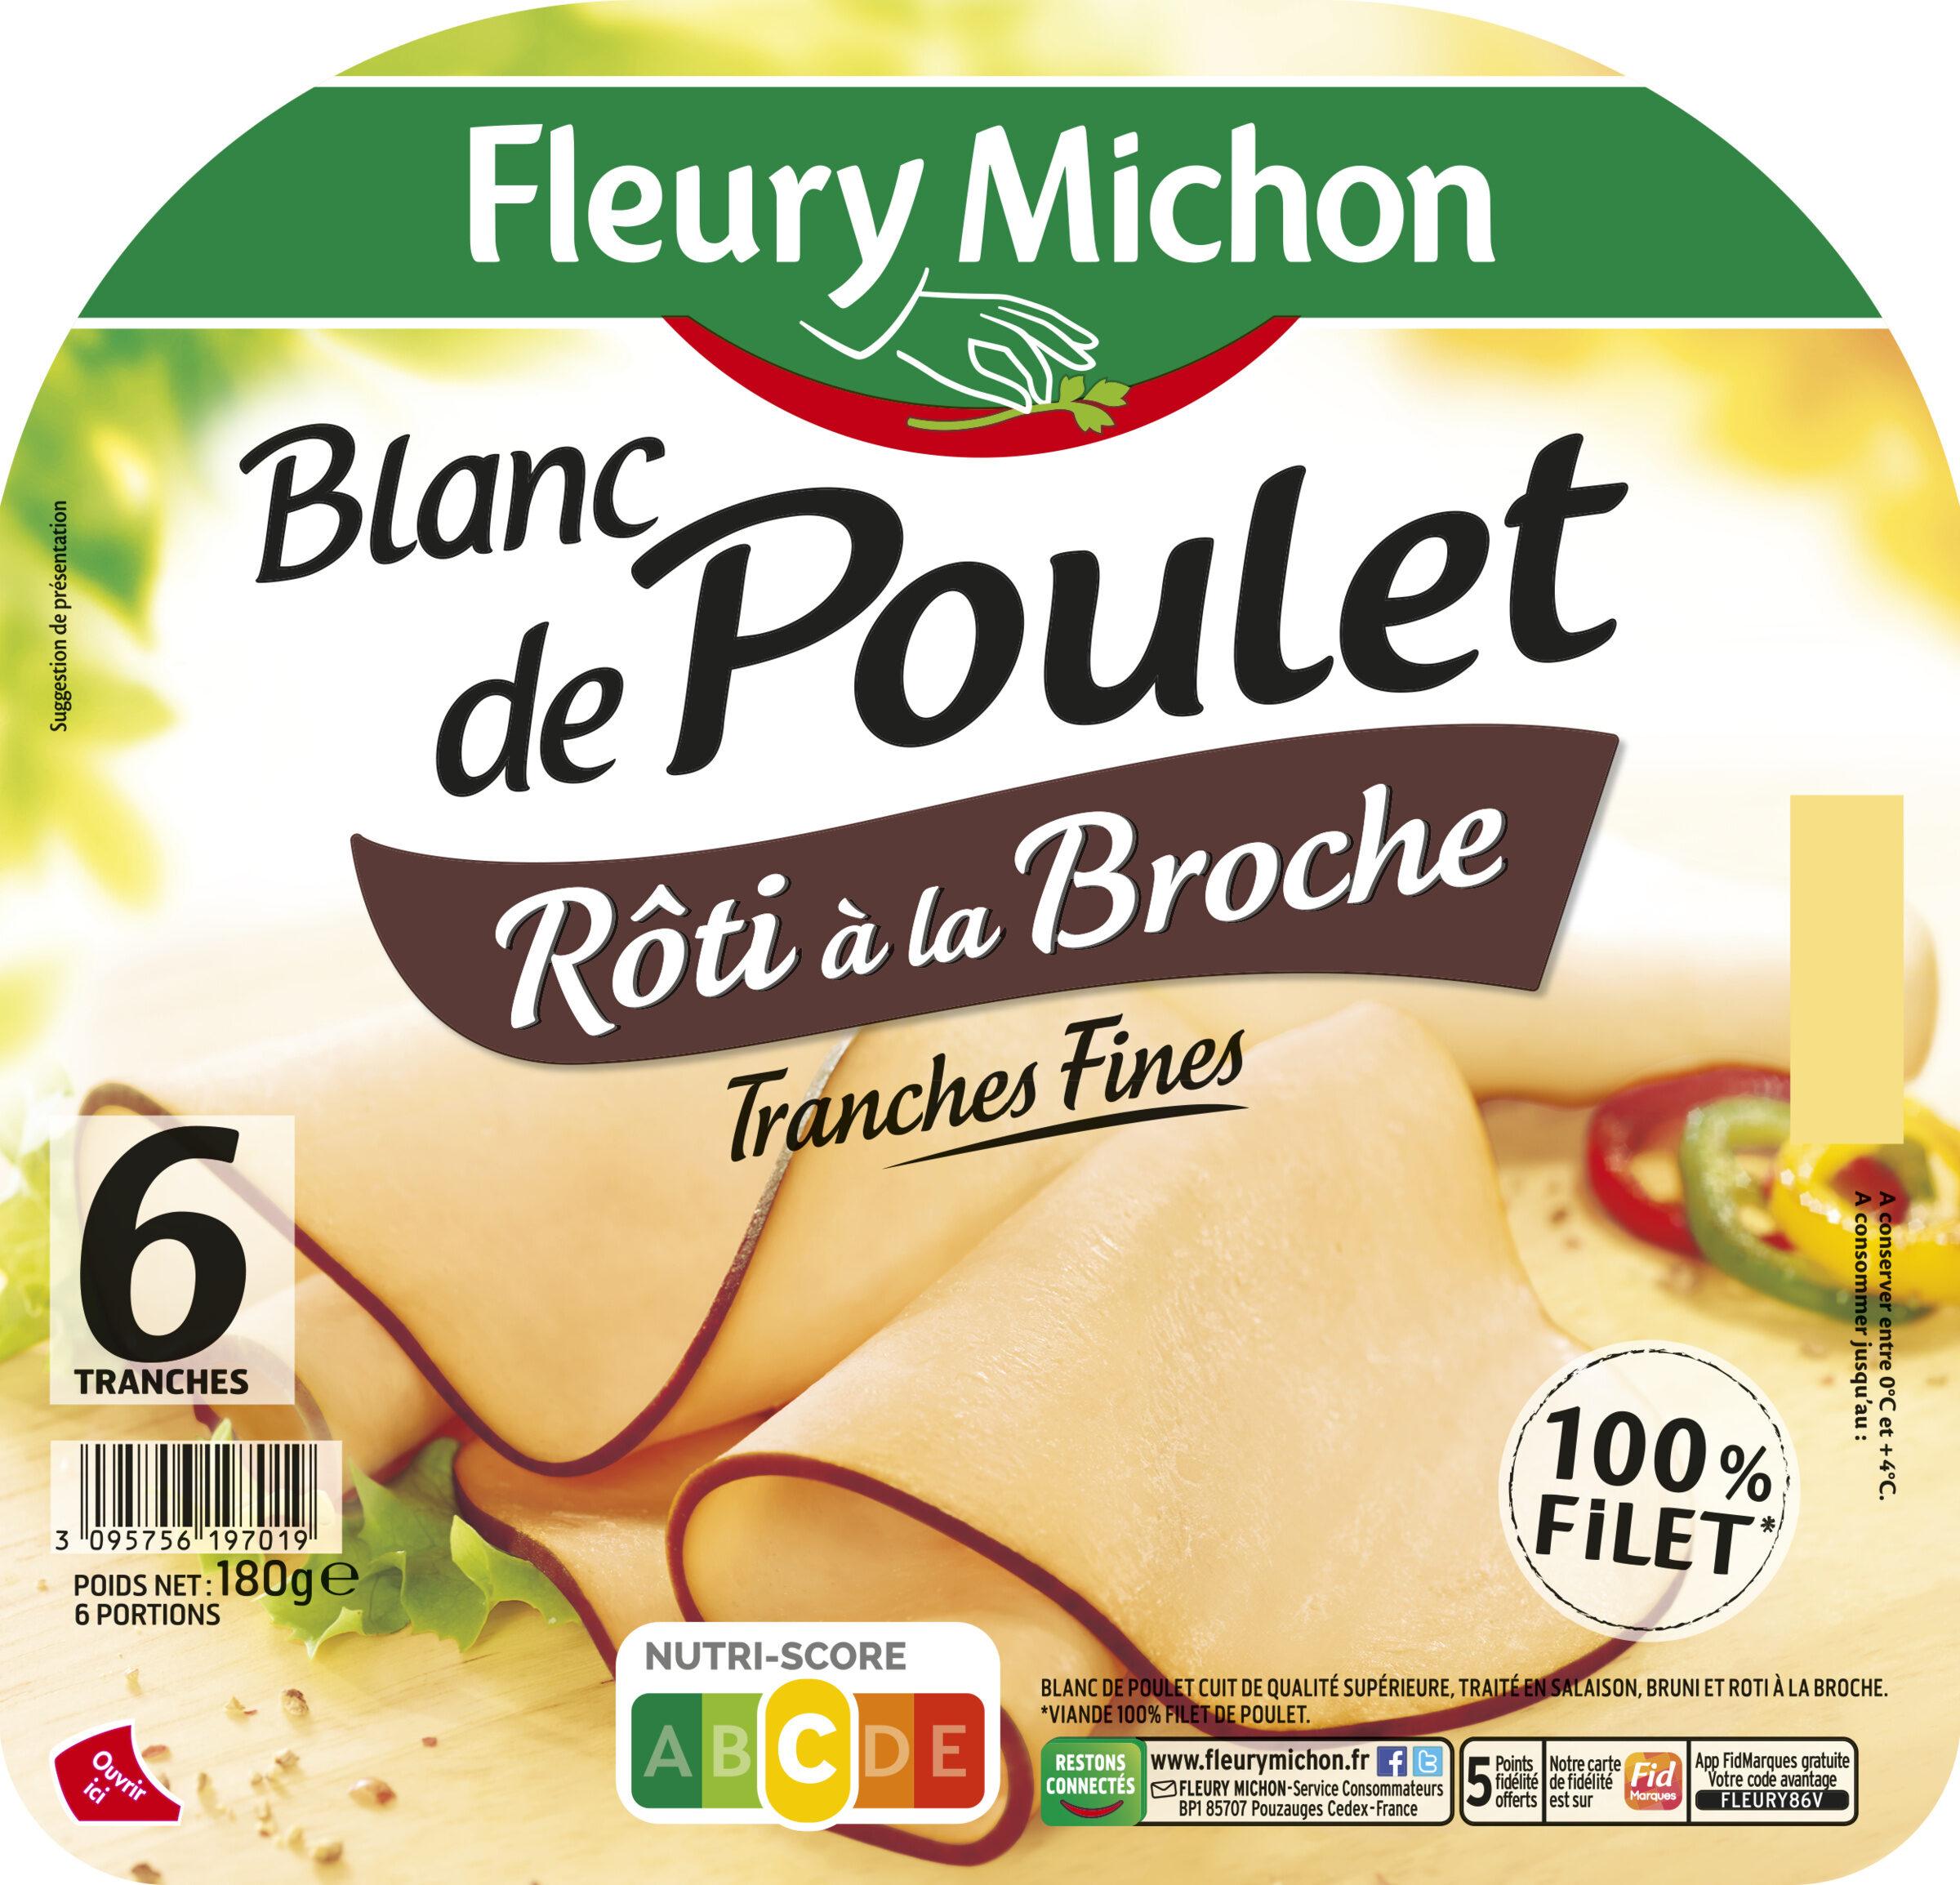 Blanc de Poulet rôti à la broche - 6 tranches fines - Product - fr